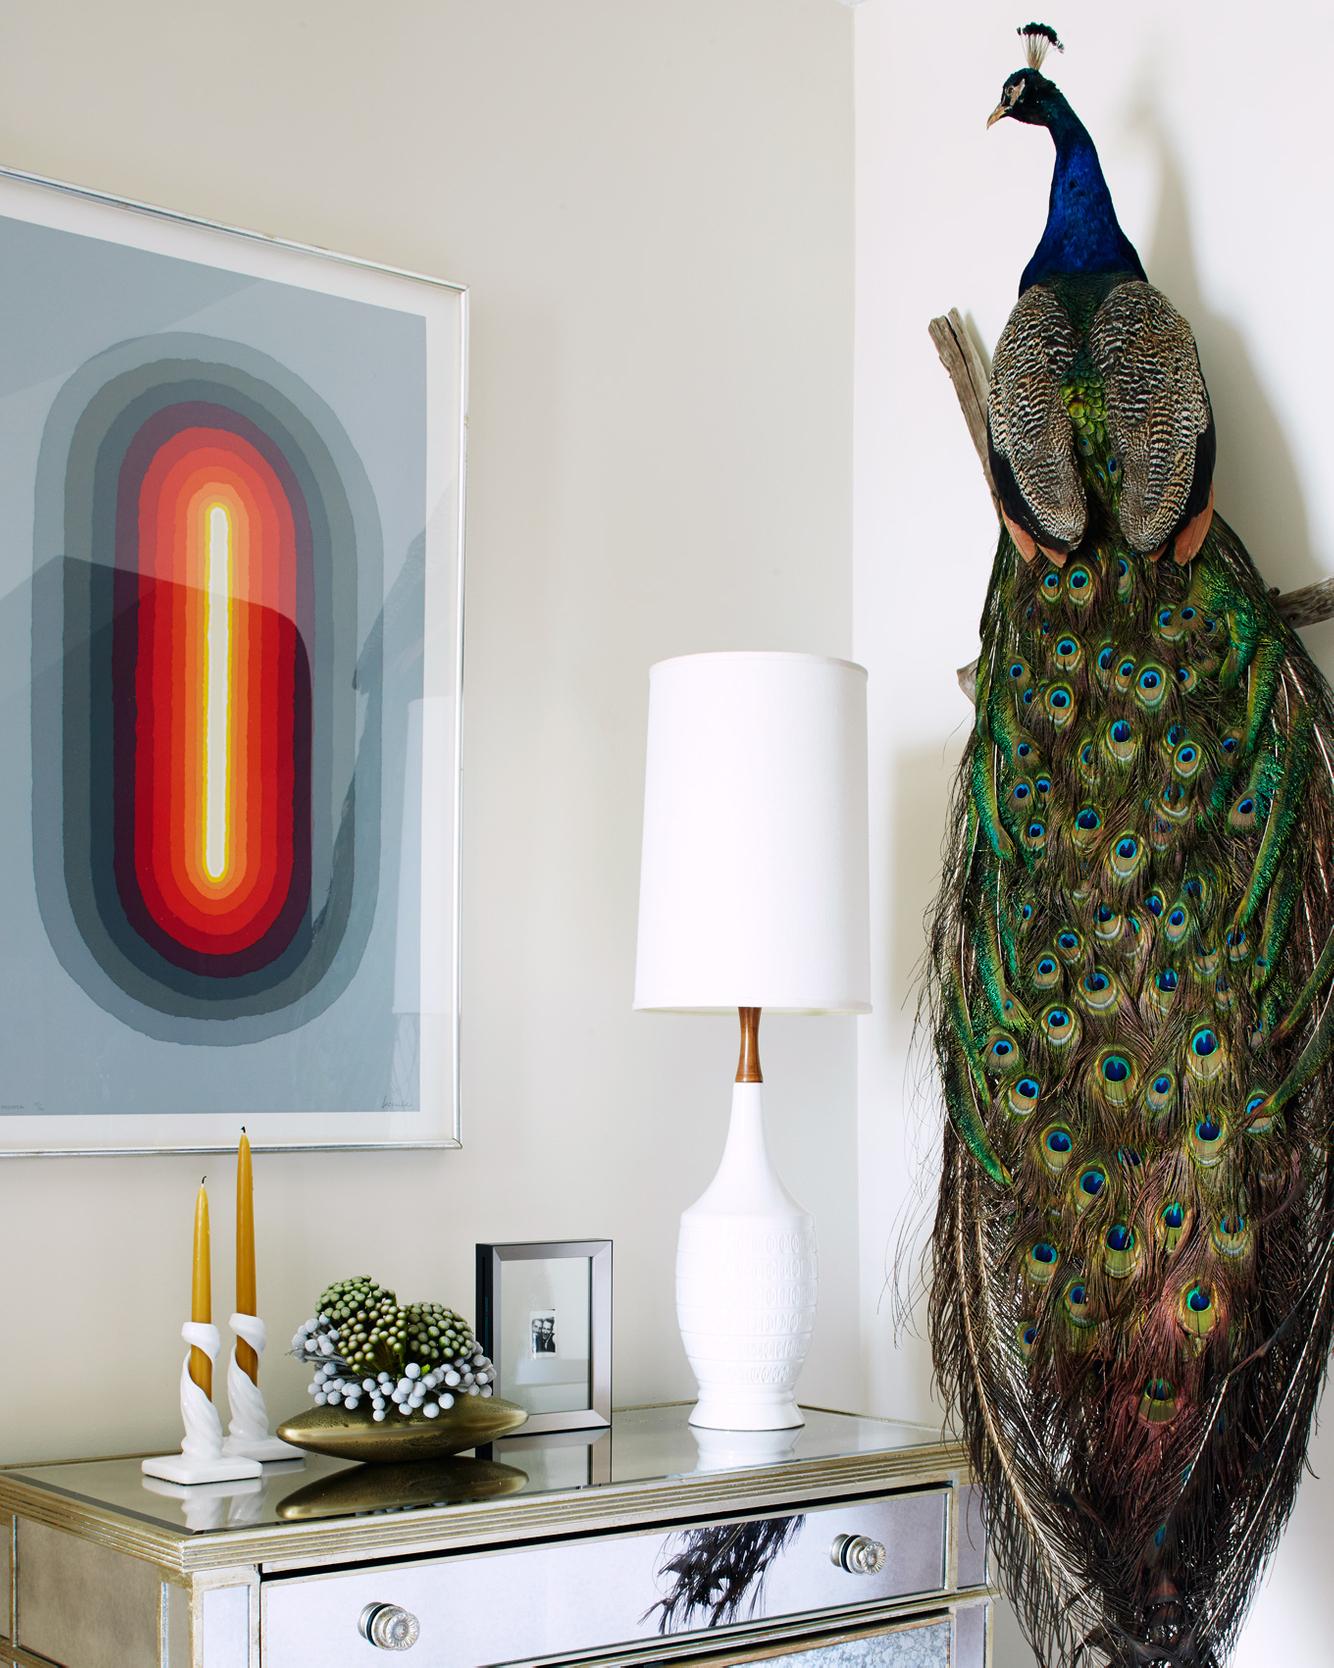 ChristopherWhite-Peacock.jpg